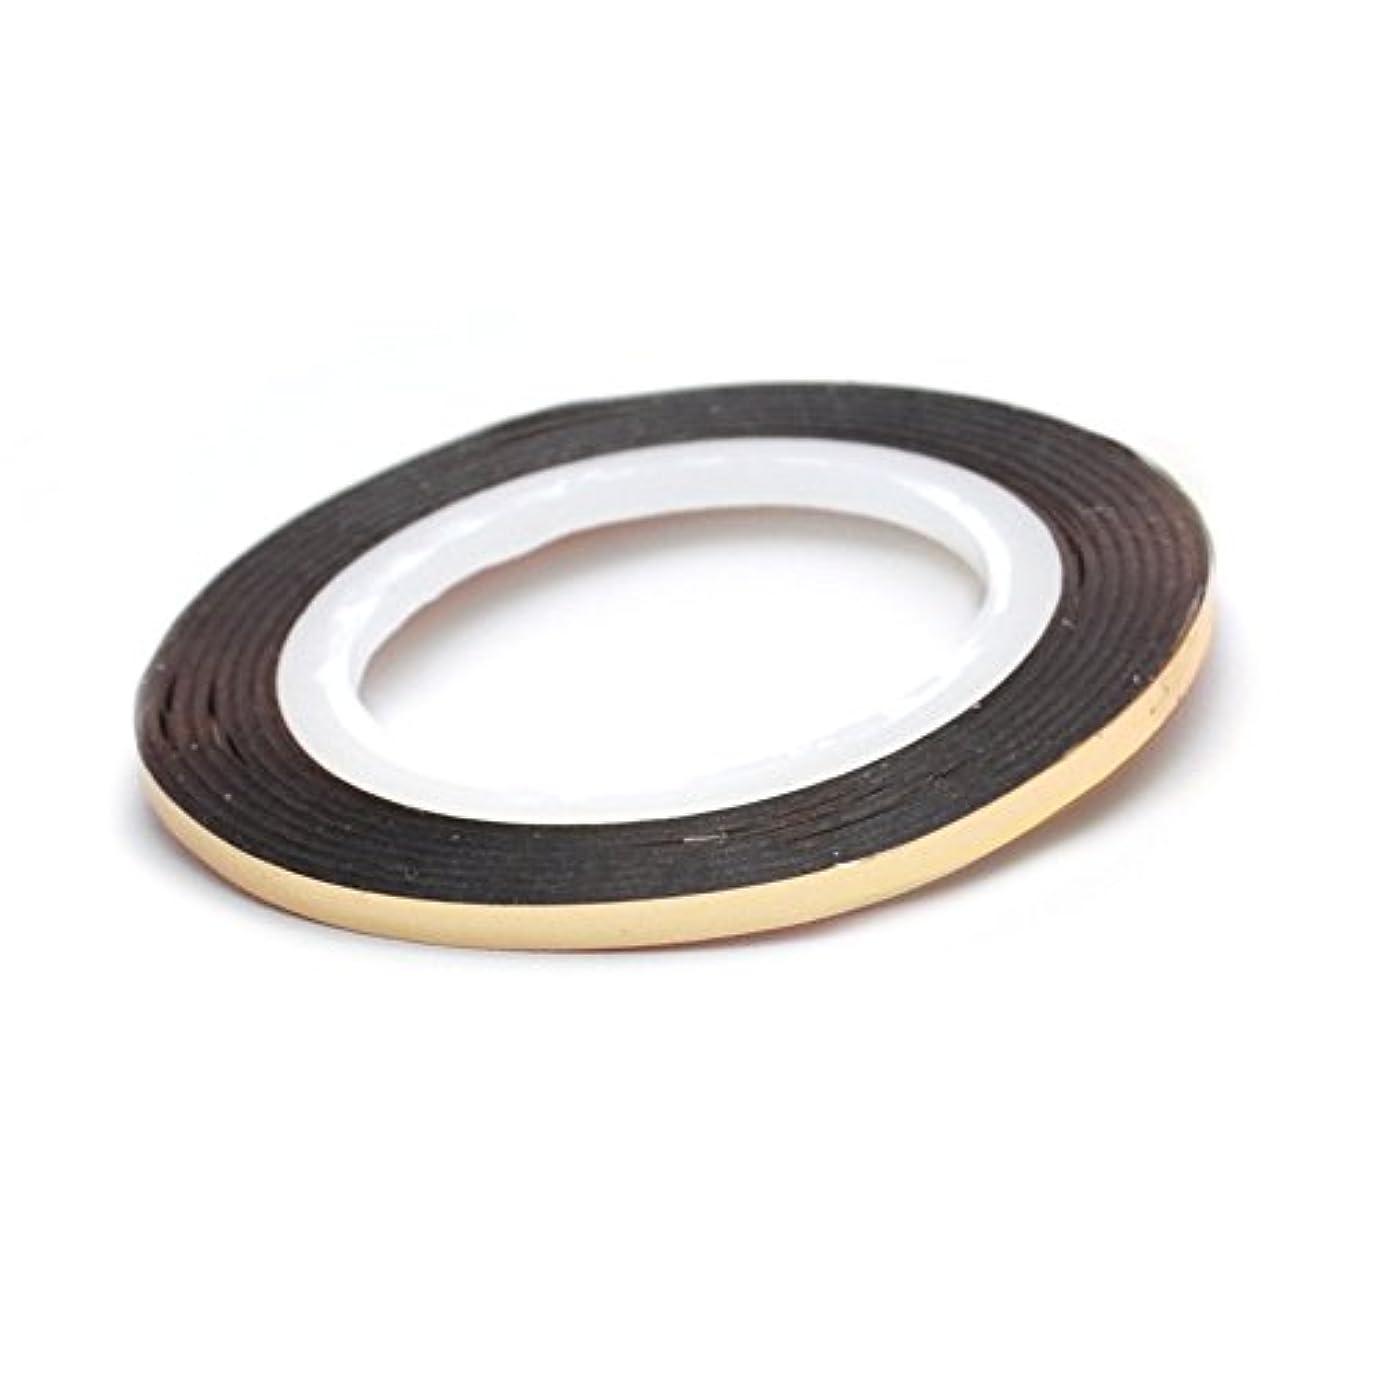 疫病パズル捕虜ネイル ラインテープ【ライトゴールド】0.8mm ストライピングテープ